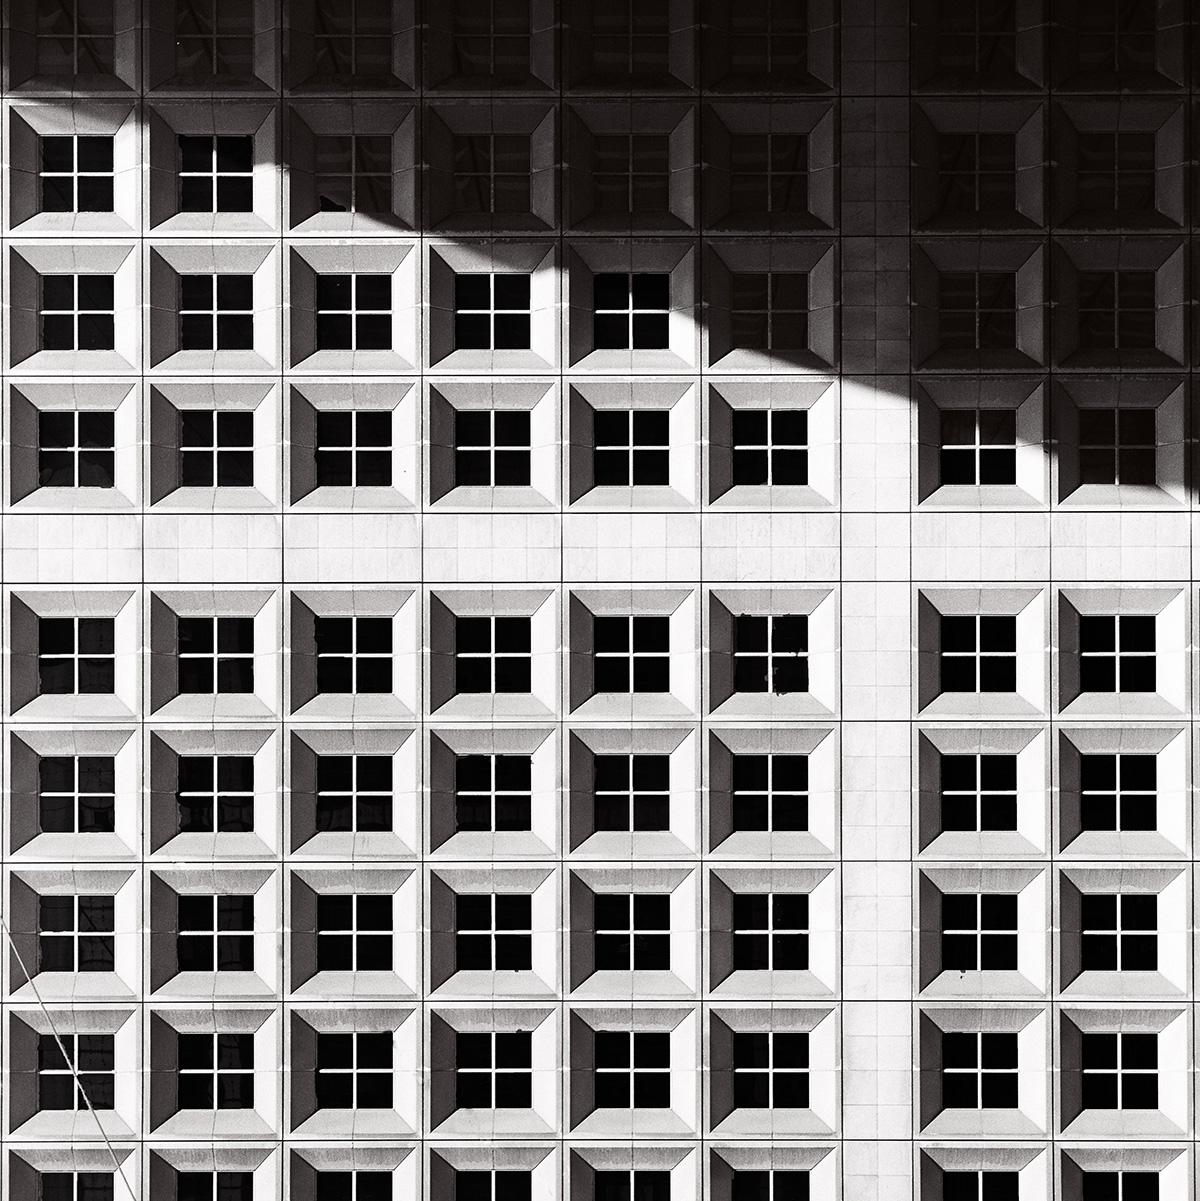 Image: Benjamin Bousquet